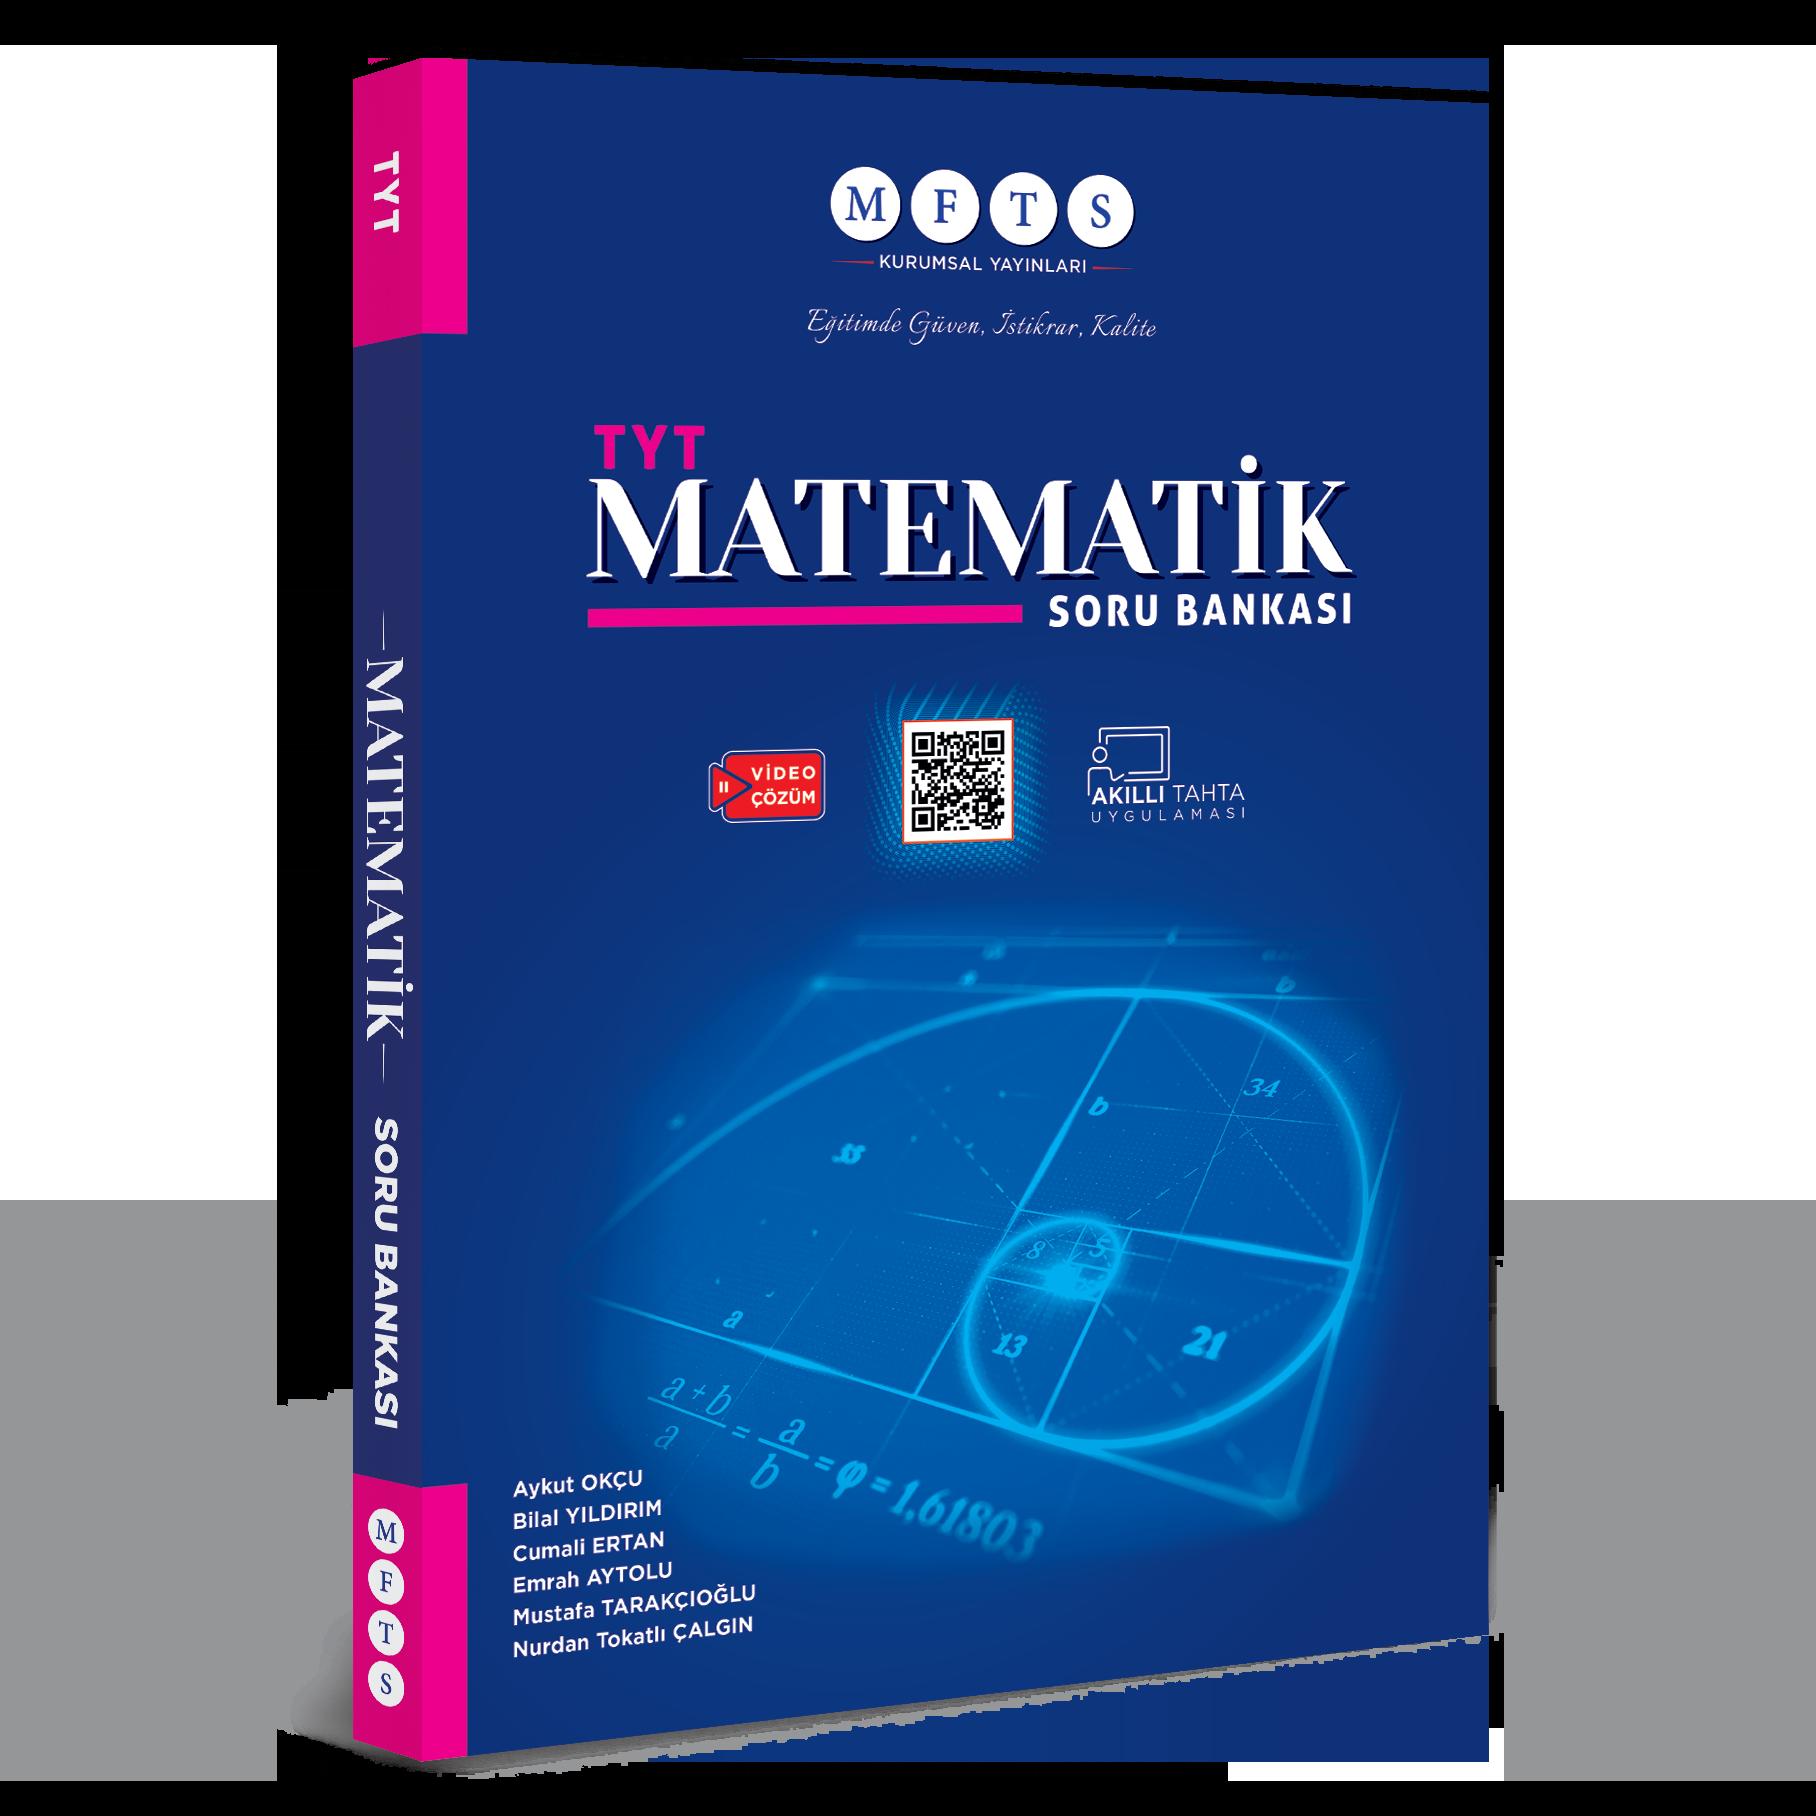 fenbilimlerimerkezi.net yayinlar: TYT Matematik Soru Bankası